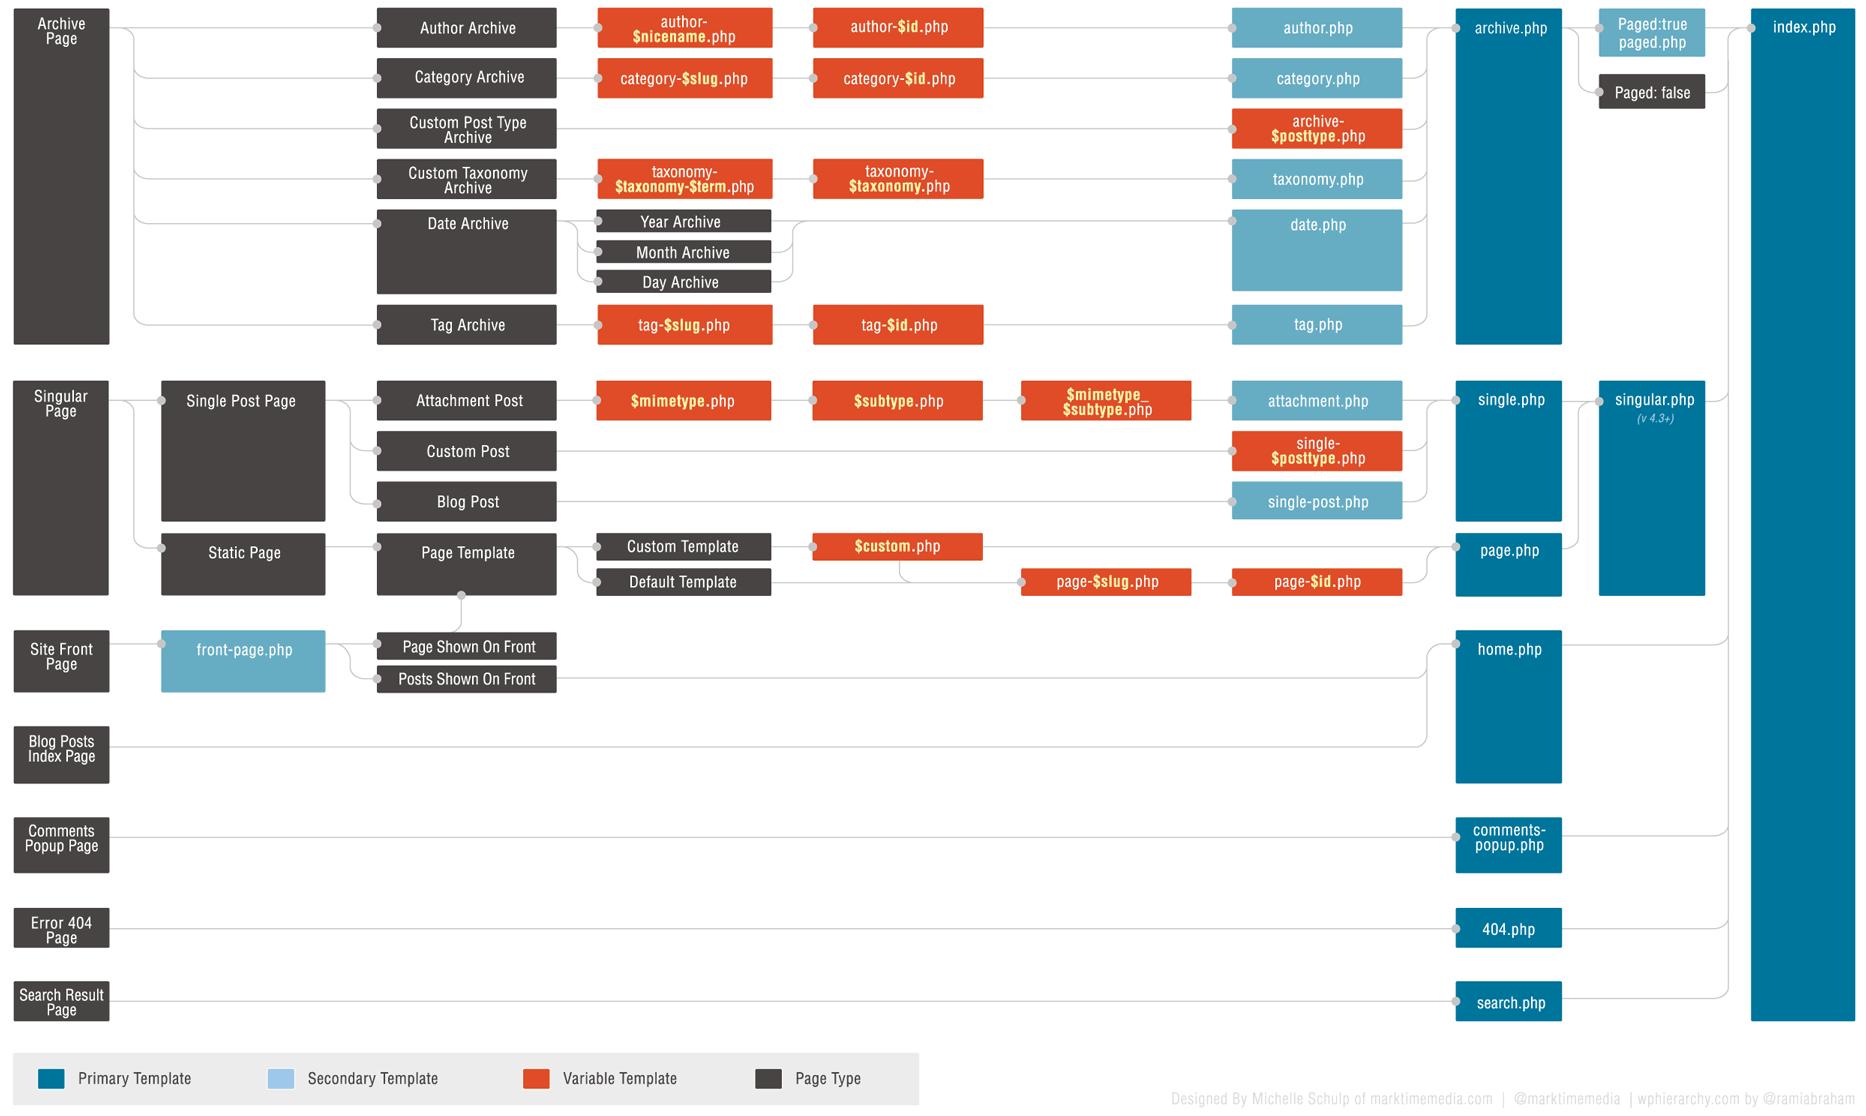 иерархия шаблонов в wordpress template suggestions